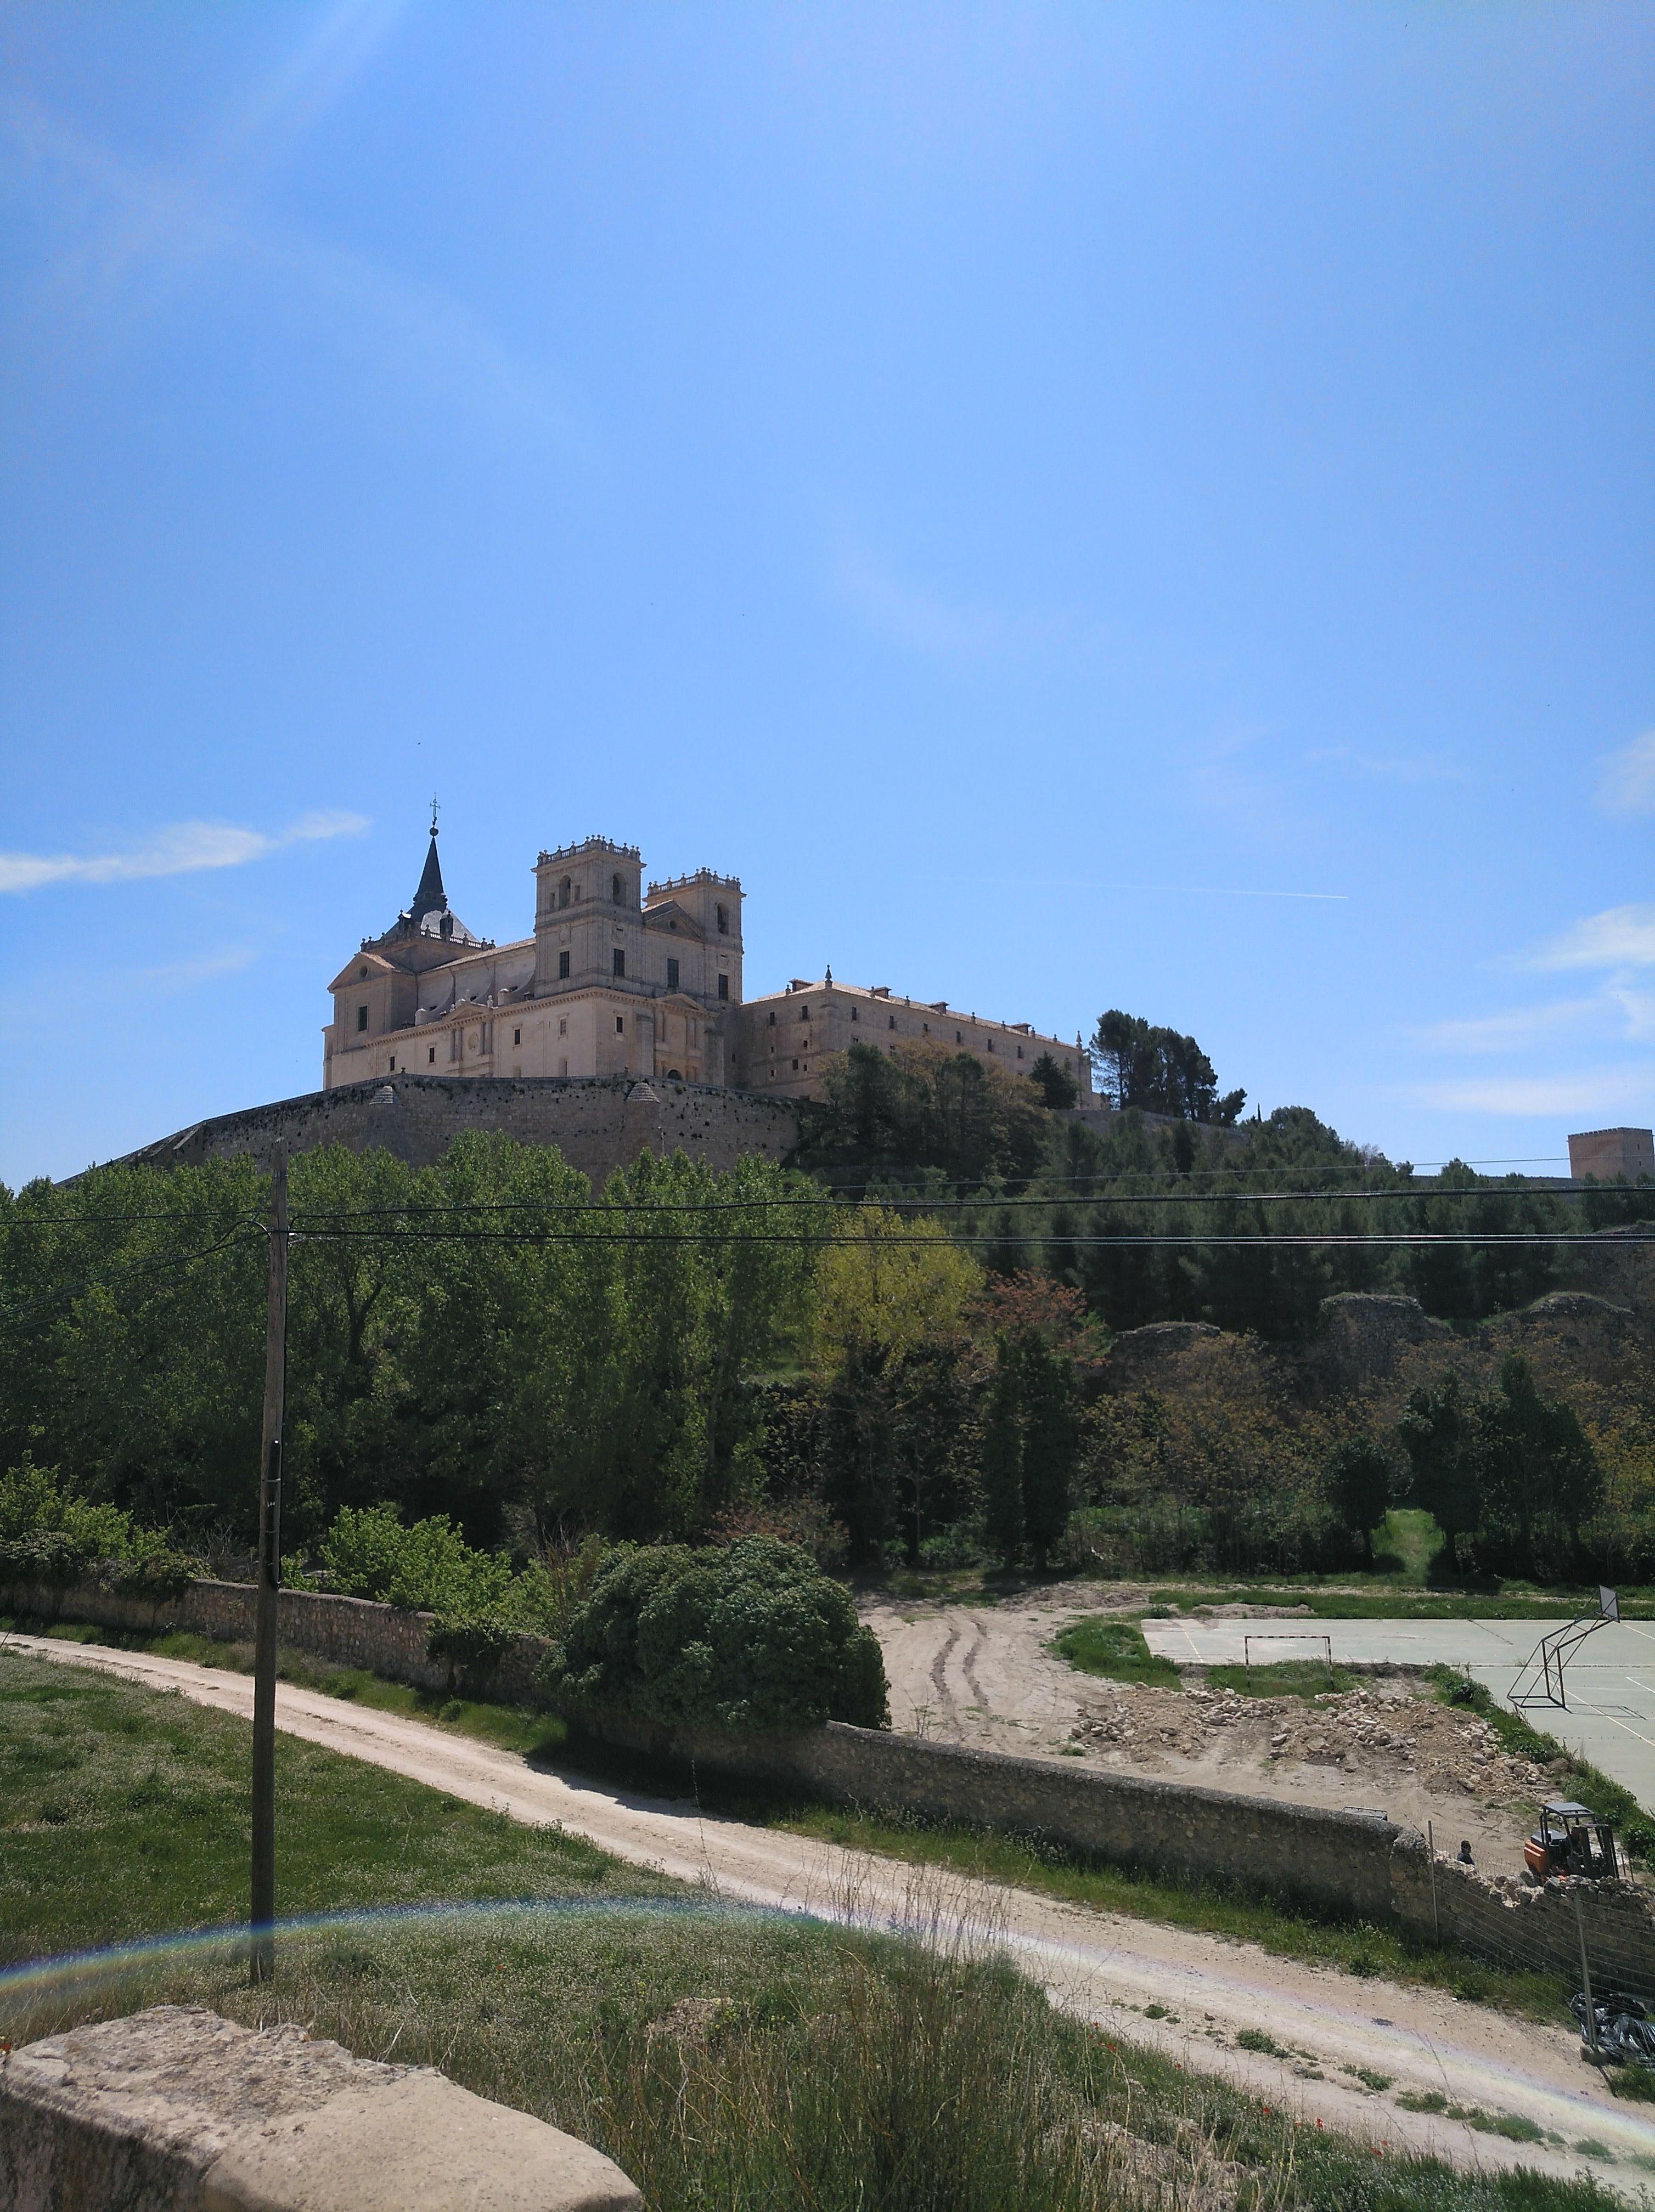 Monasterio de Uclés.